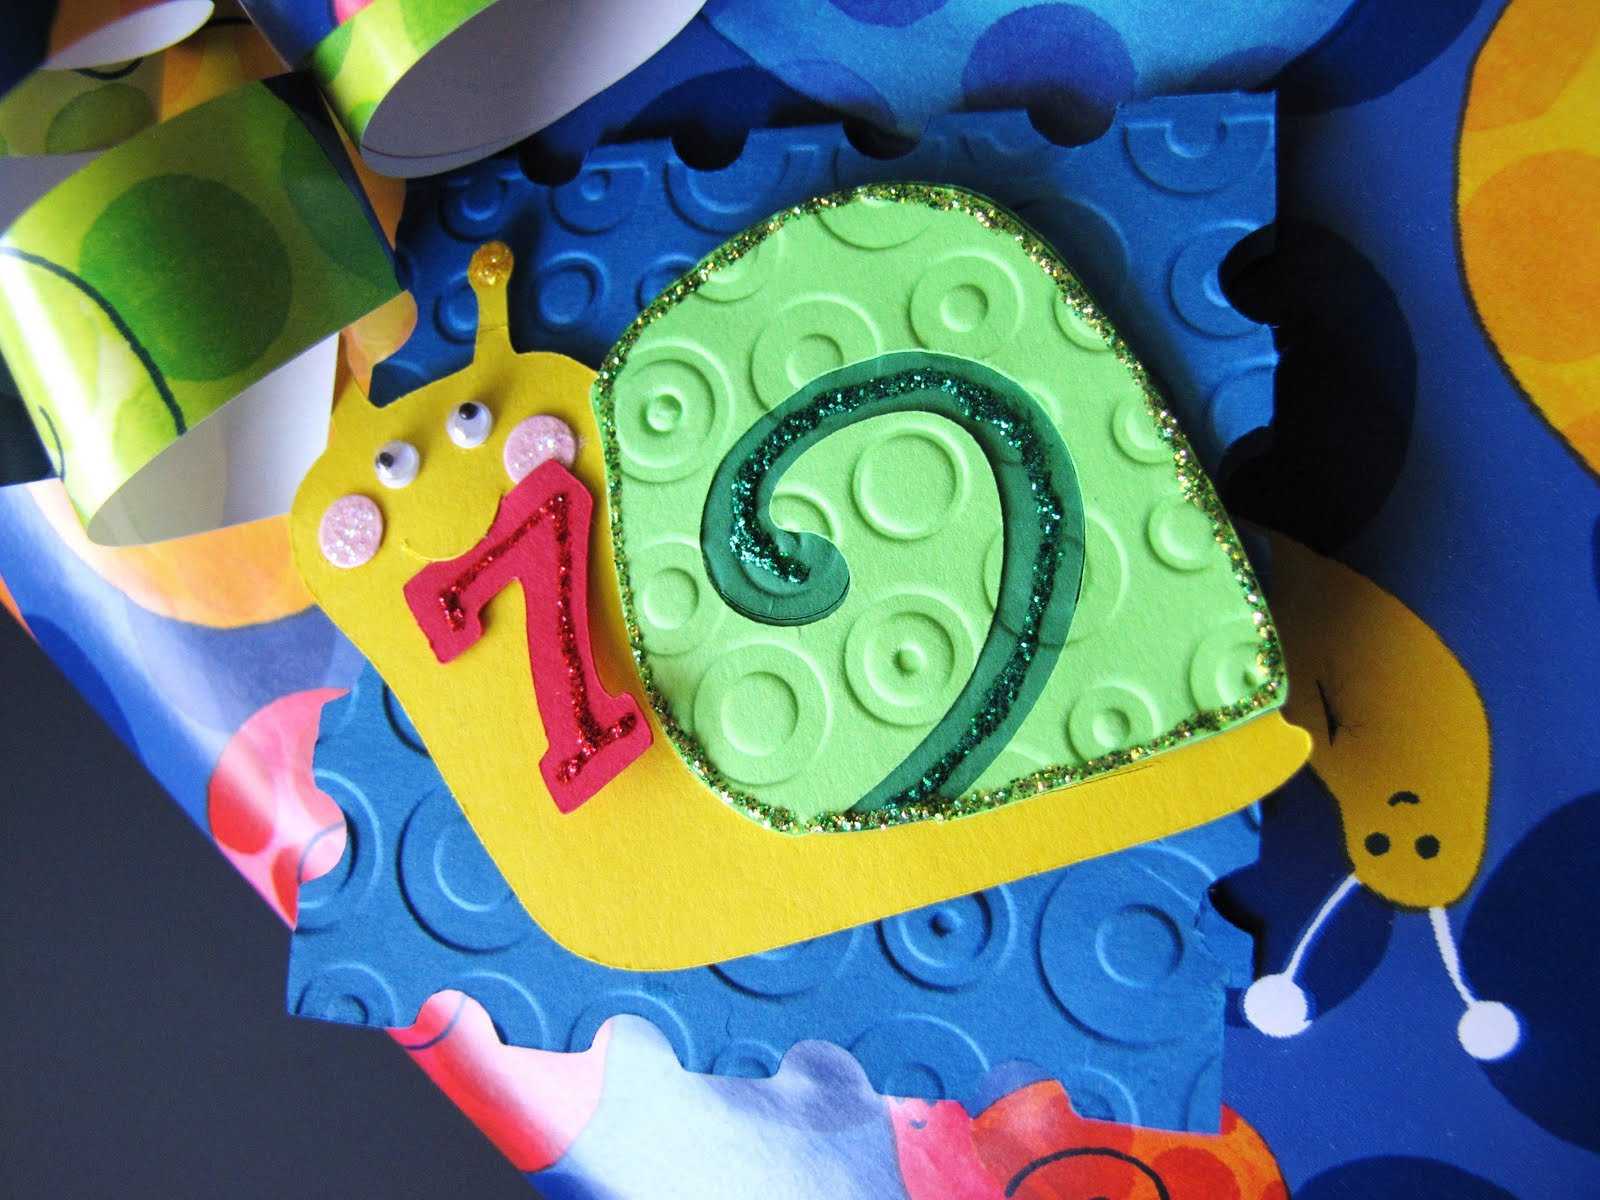 http://1.bp.blogspot.com/--WYcTSt3wR0/TaZCHTVX8BI/AAAAAAAAANg/FuqOq3_TqgE/s1600/Nicholas+7th+Birthday+Card+2011+%25284%2529.JPG